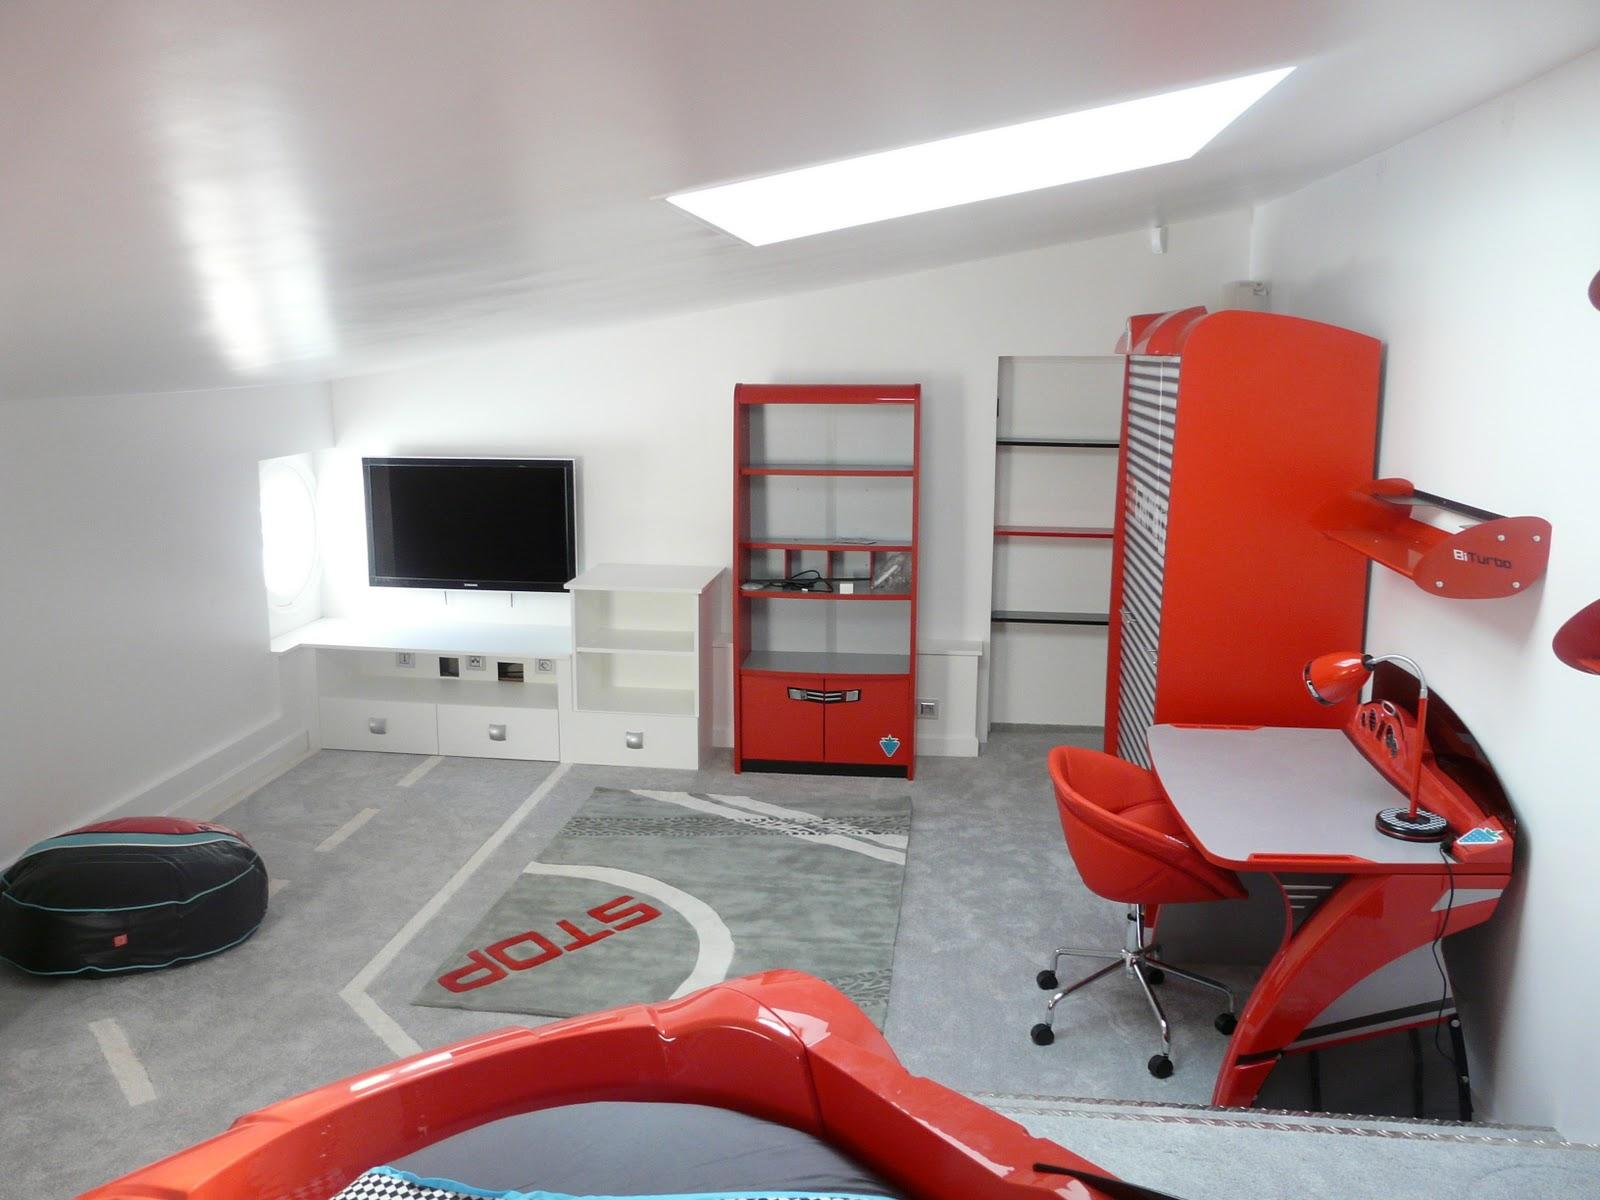 mys menuiserie yachting service 06230 villefranche sur mer amenagement d une chambre d enfant. Black Bedroom Furniture Sets. Home Design Ideas